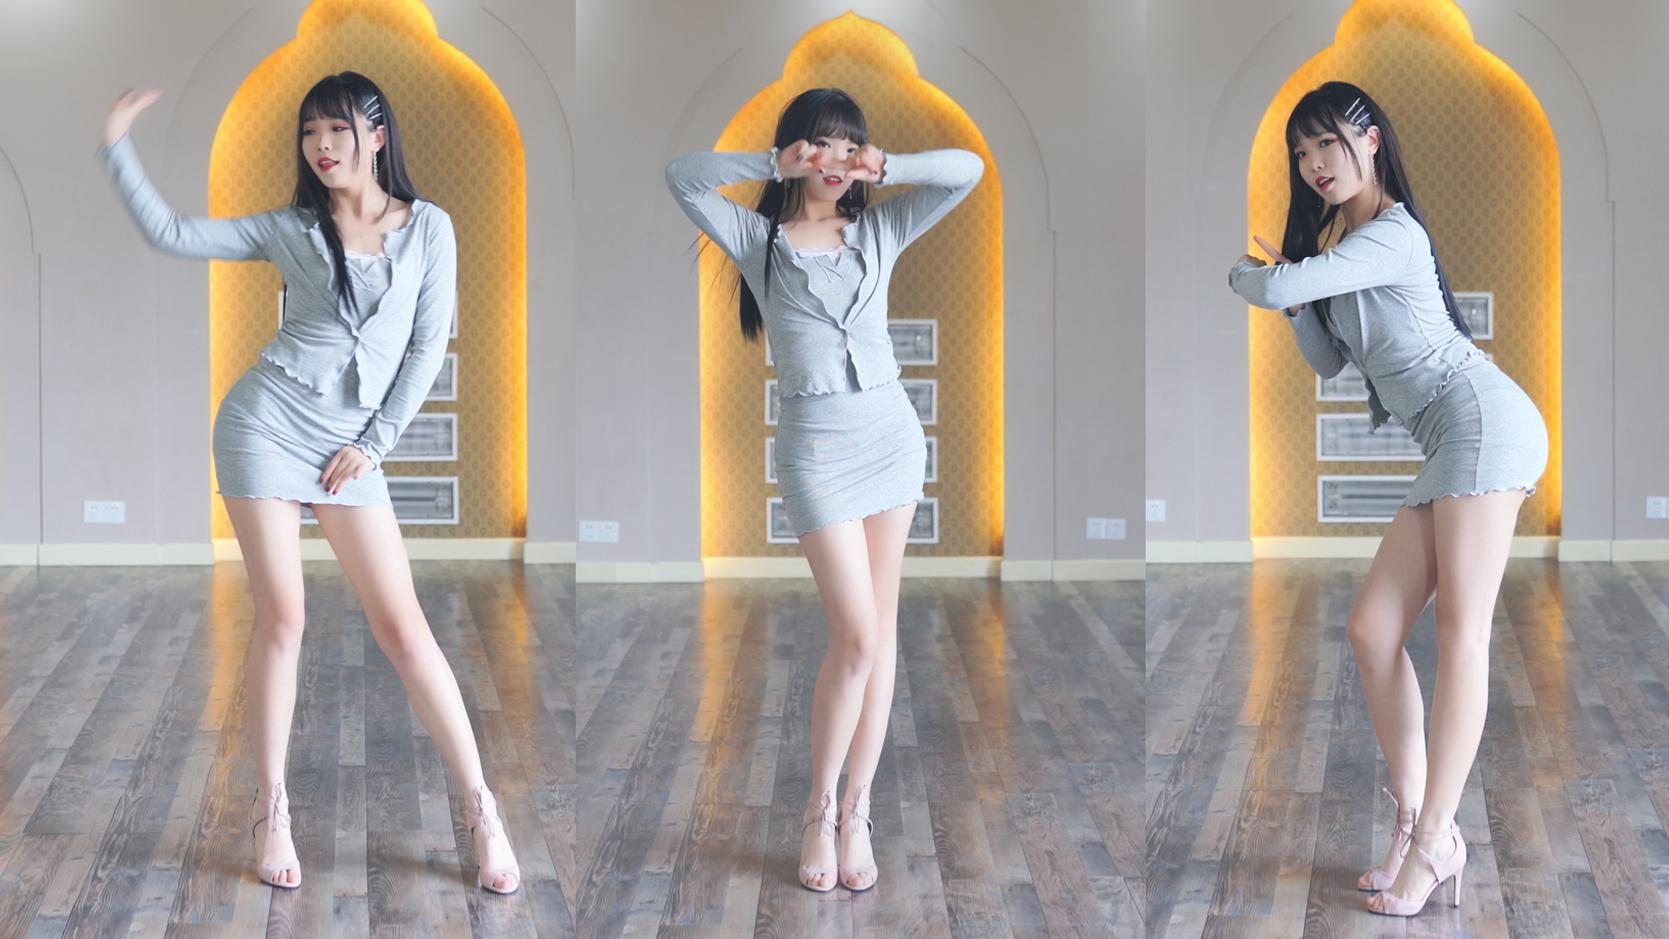 久违的细高跟•包臀裙•AOA短发【慕】